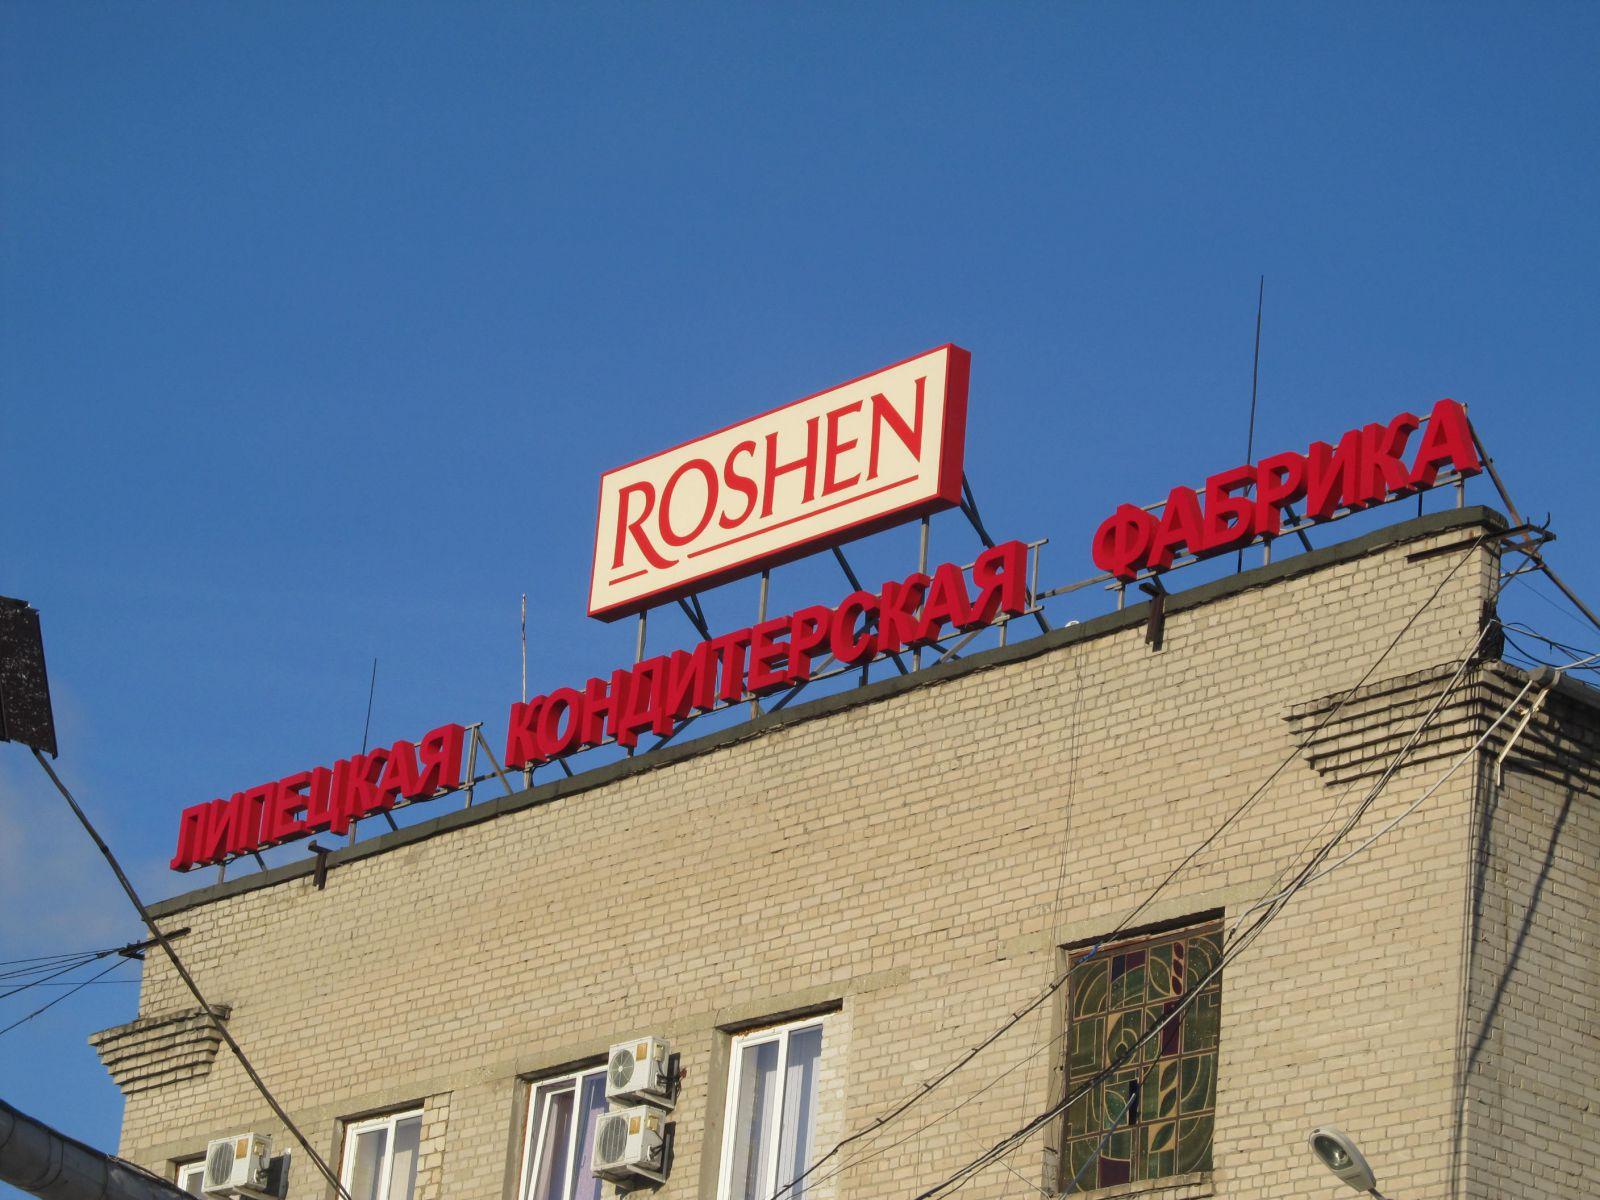 ВЛипецке проинформировали, когда Roshen всех уволит